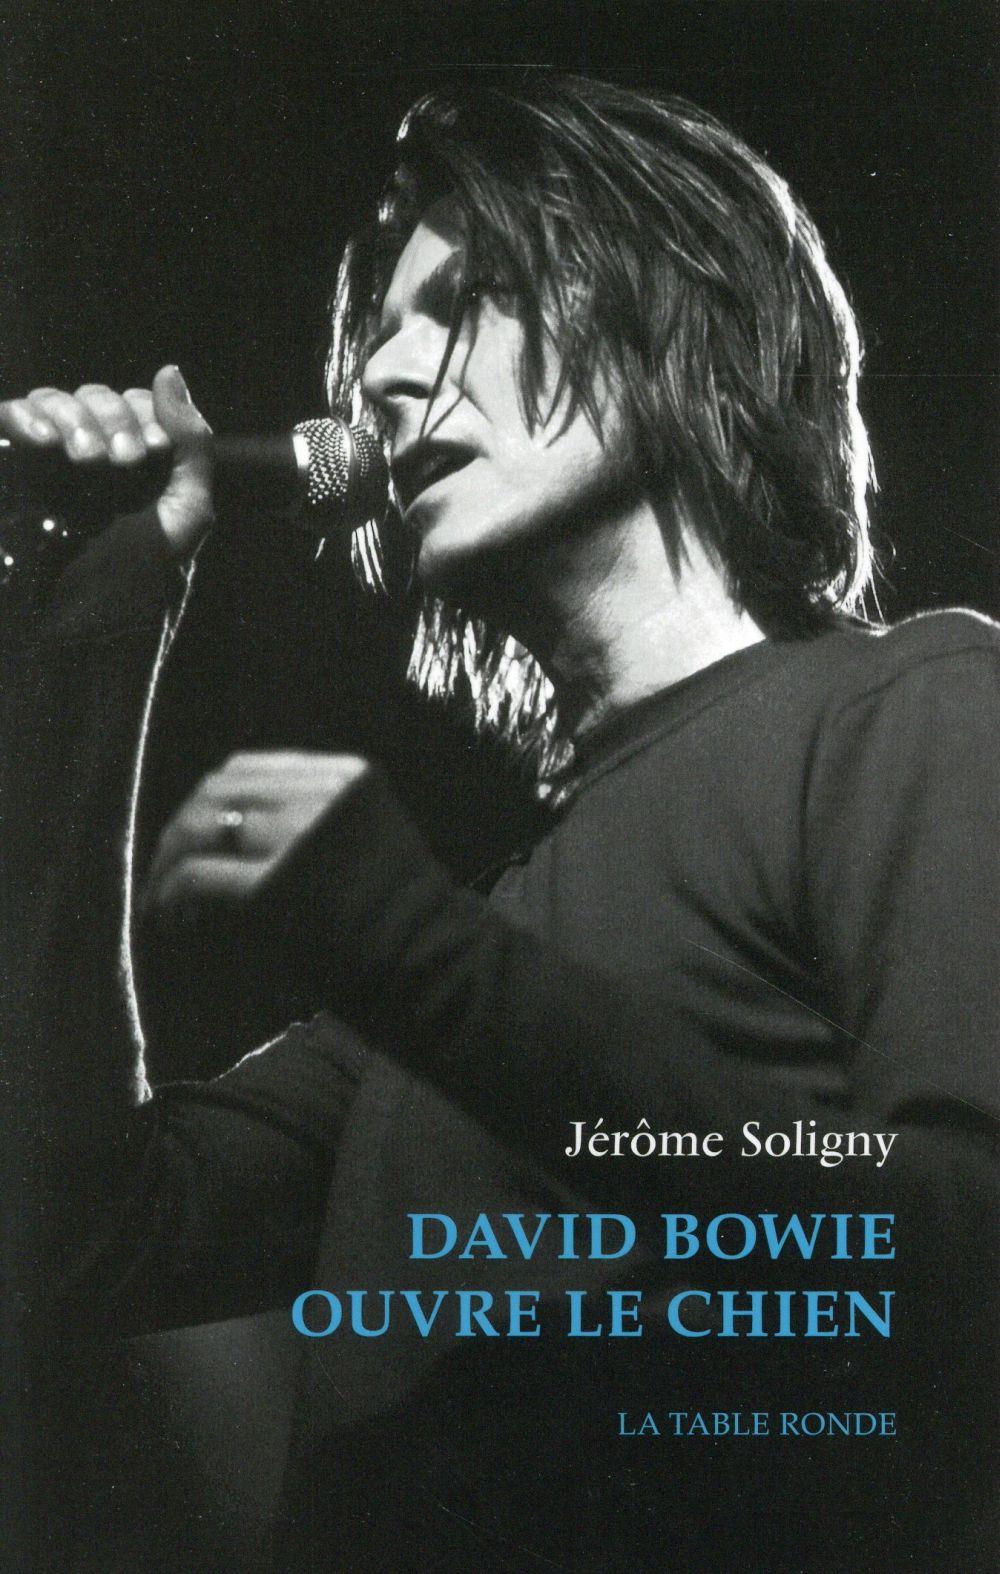 Retour sur un article :  Autour de Bowie avec Jérôme Soligny